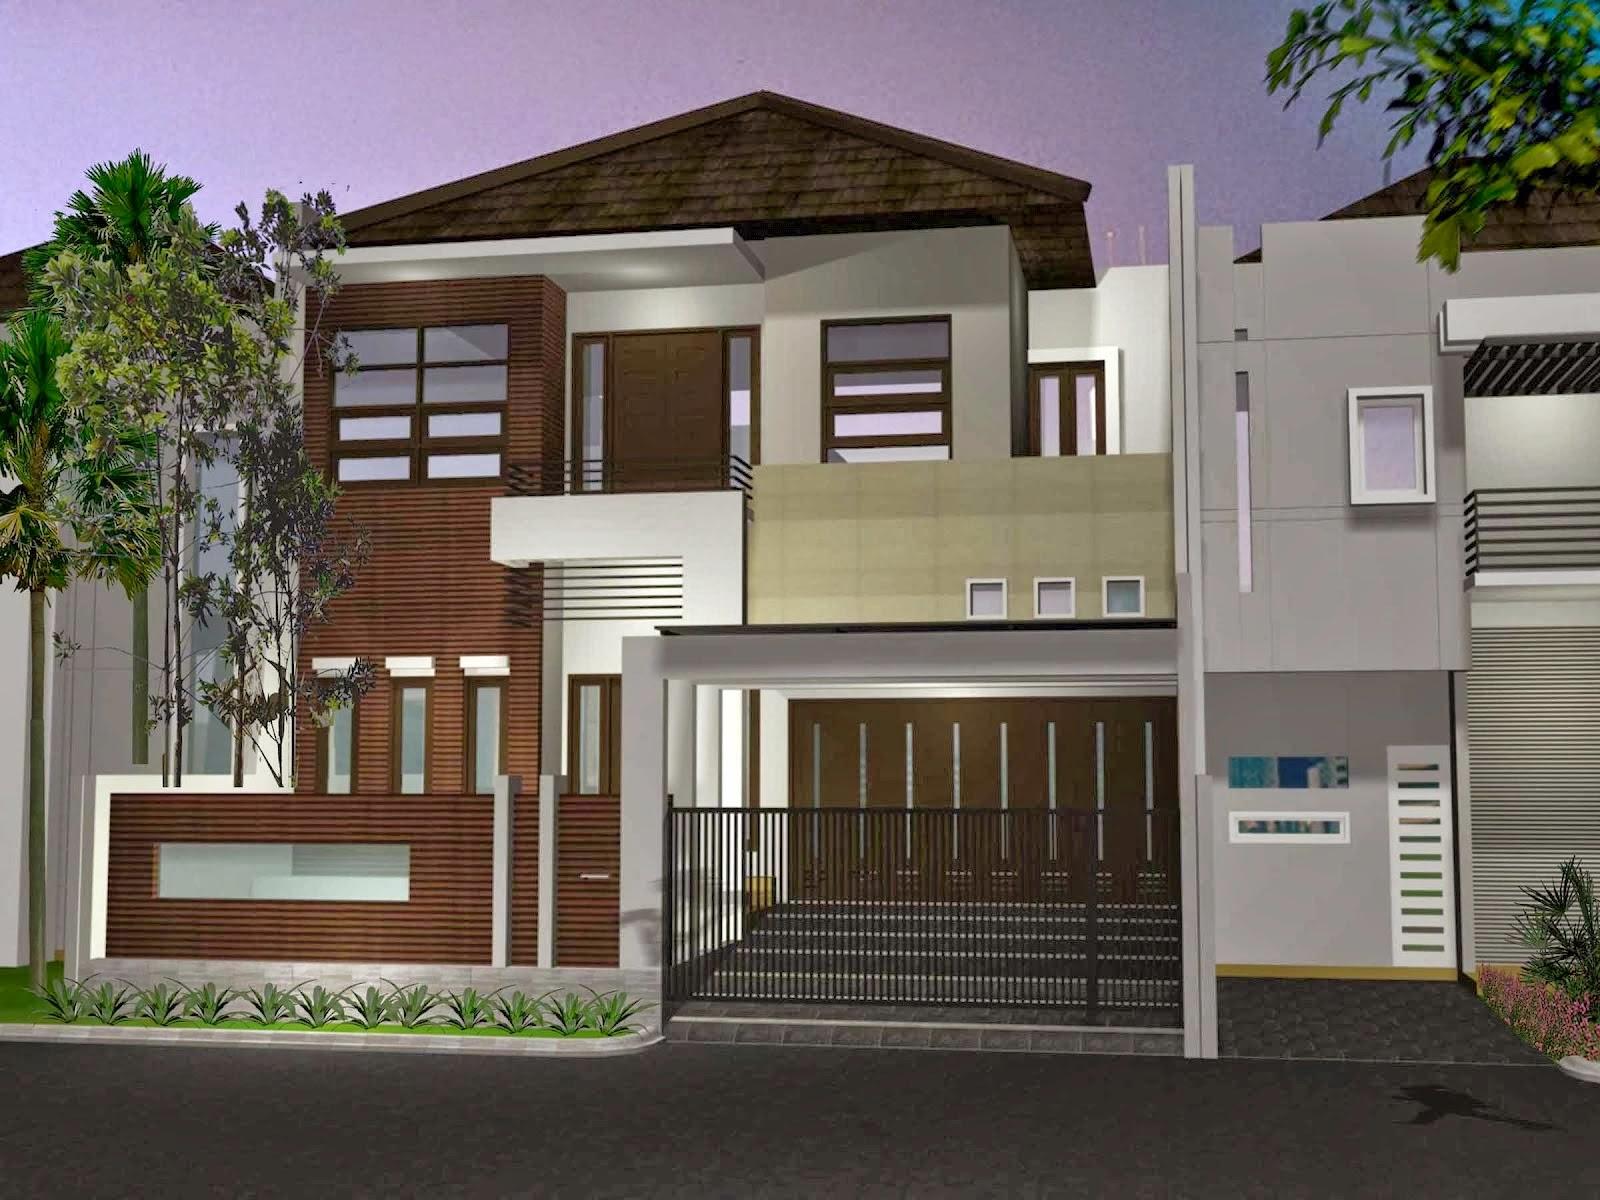 Desain Rumah Minimalis Modern 2 Lantai Sangat Anggun